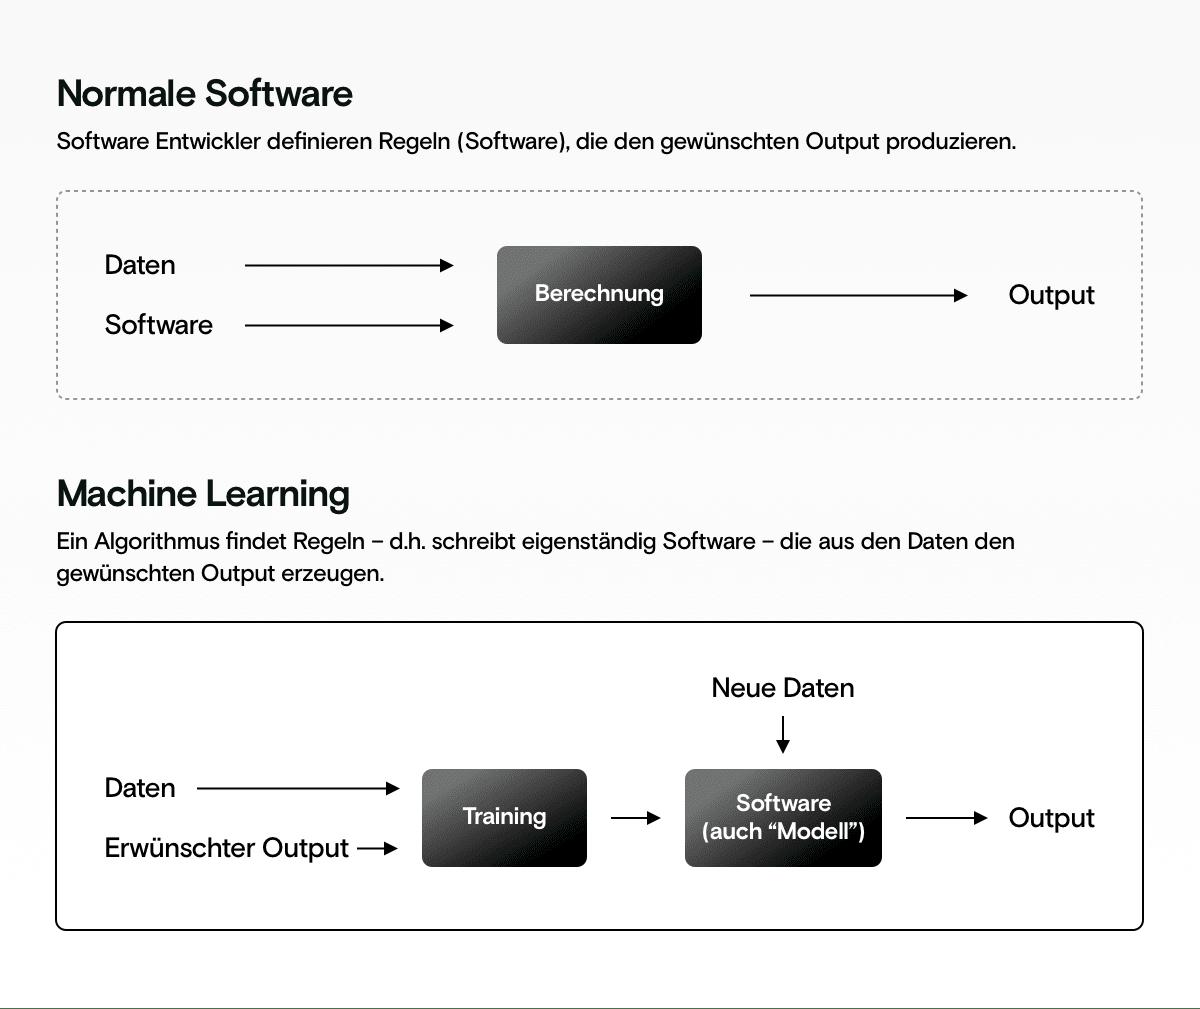 Vergleich Normal Software und Machine Learning